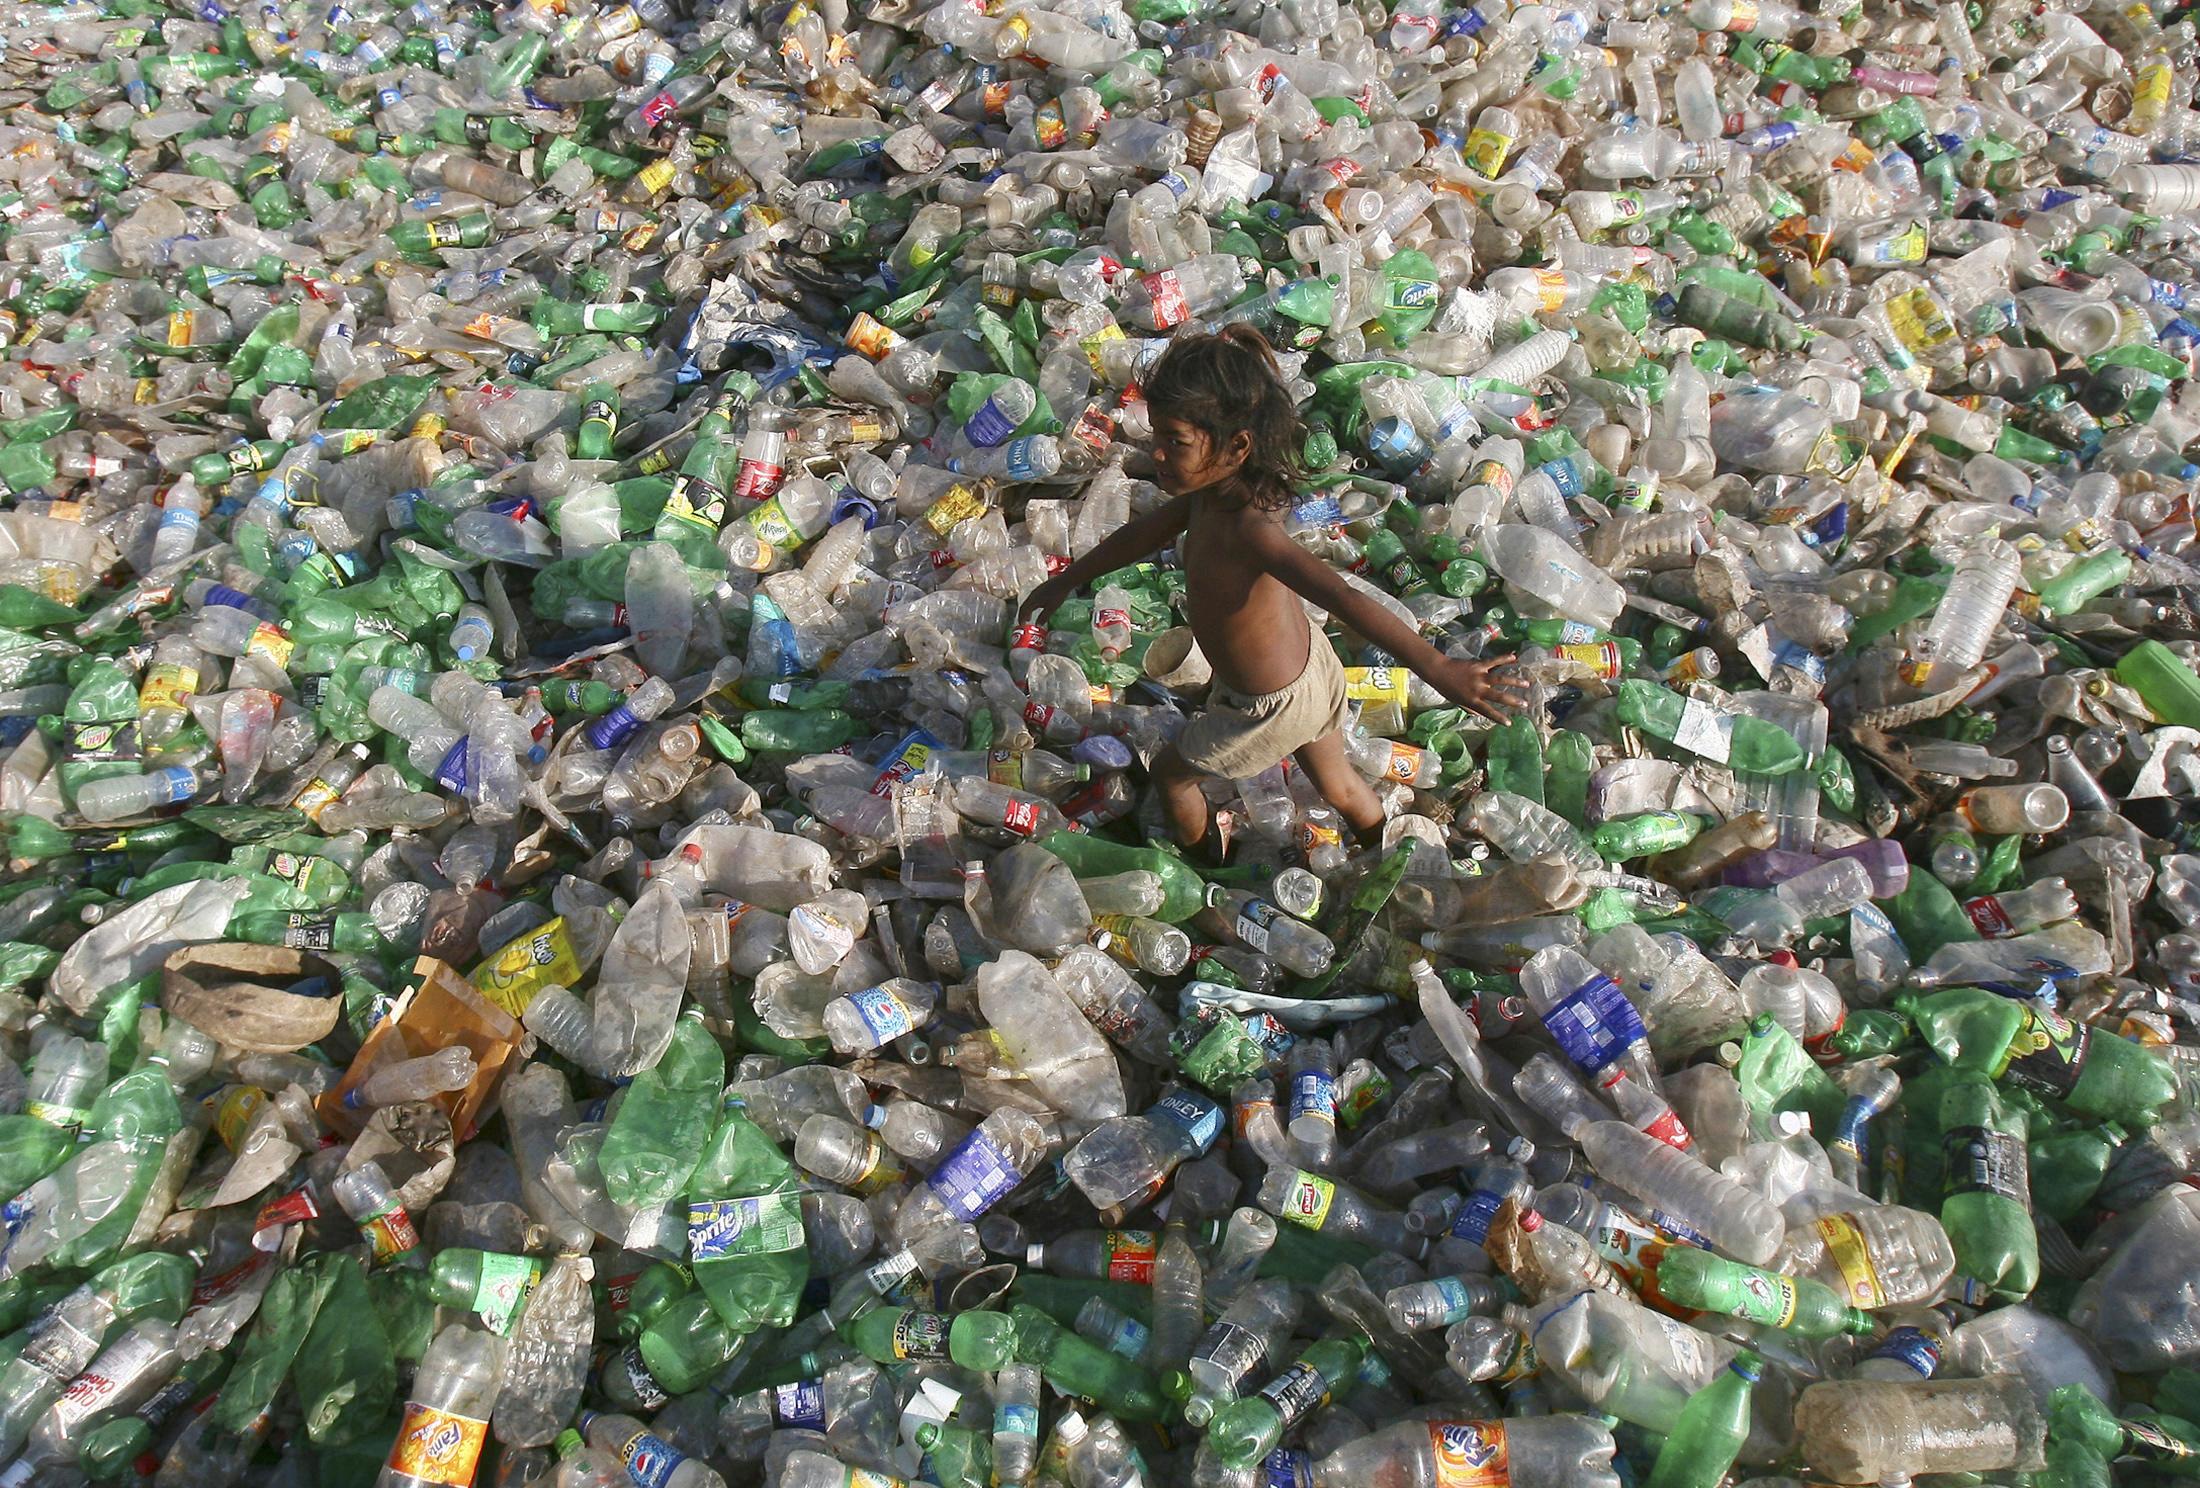 Zagađenost mora i oceana, te gradova plastičnim bocama je već sada ozbiljno zabrinjavajuće